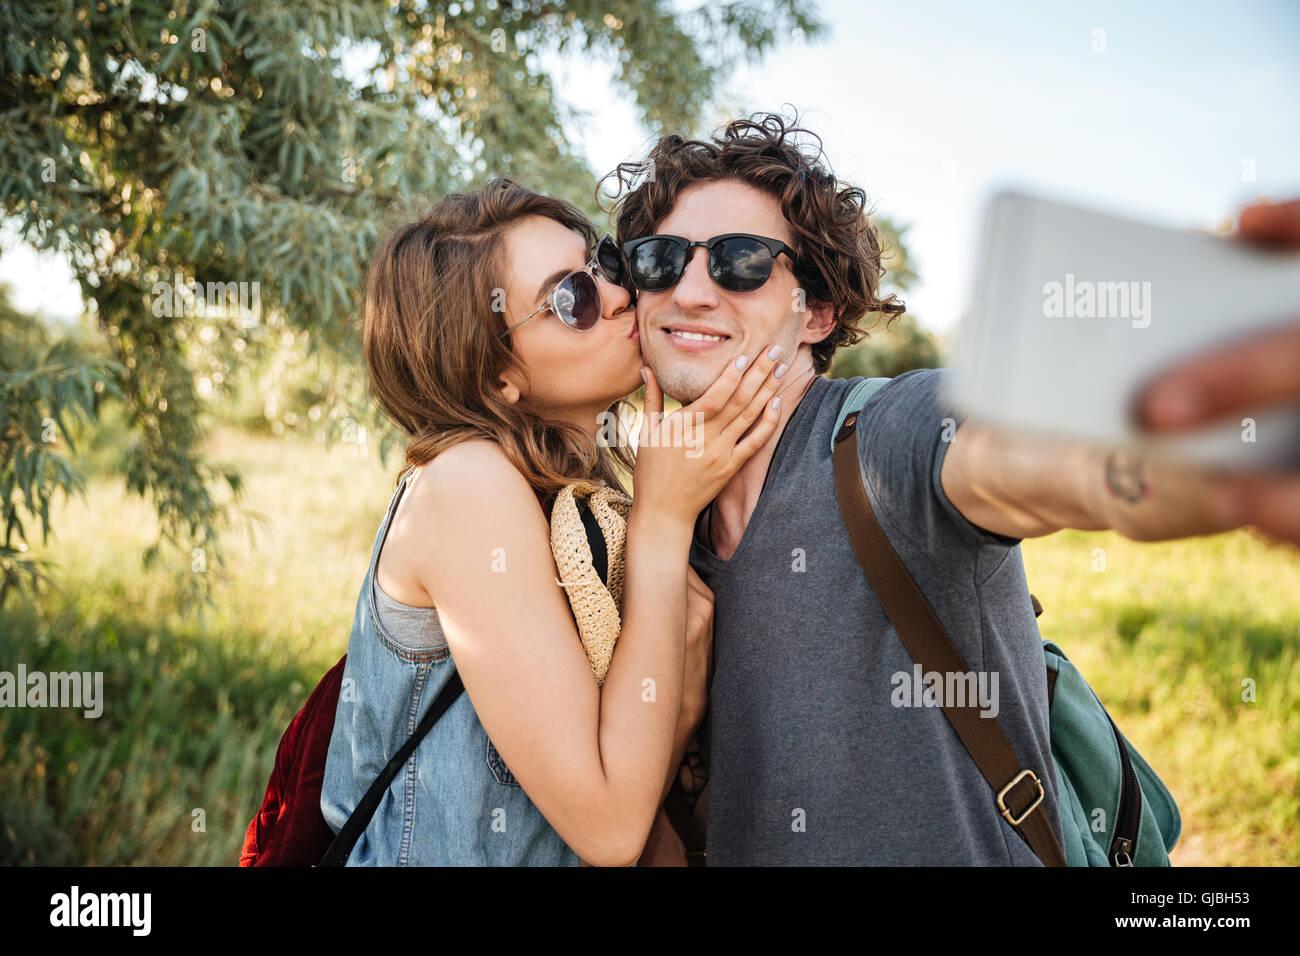 Sonriente joven pareja feliz con mochilas senderismo en el bosque y haciendo selfie Imagen De Stock